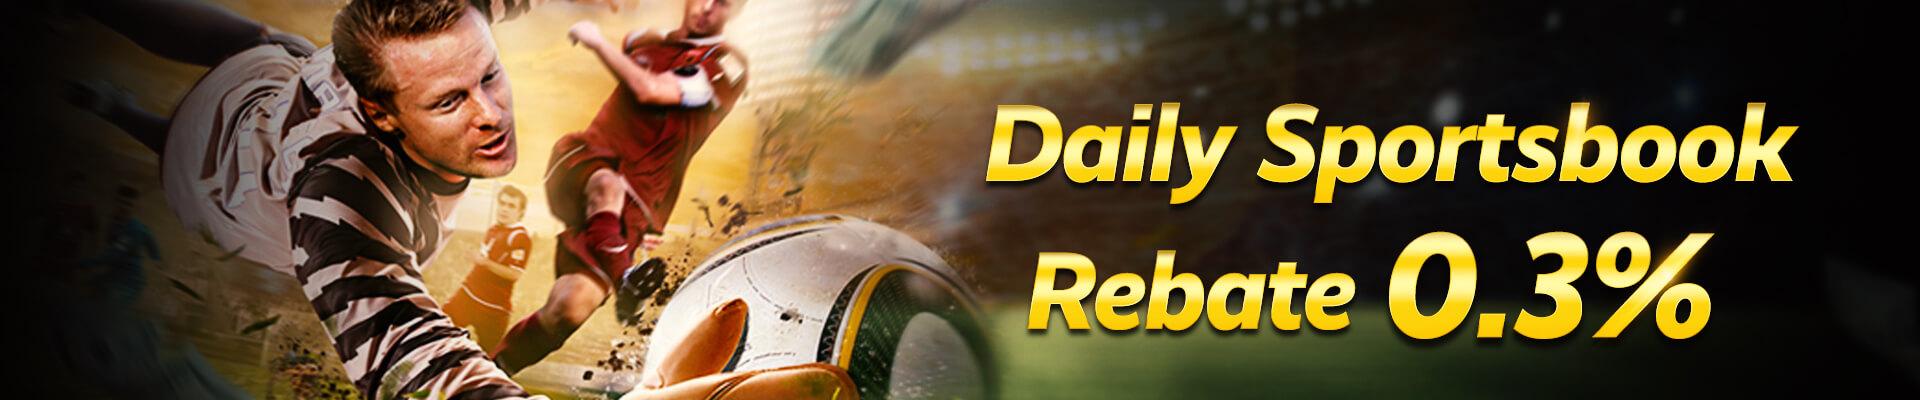 0.3% Daily Sportsbook Rebate